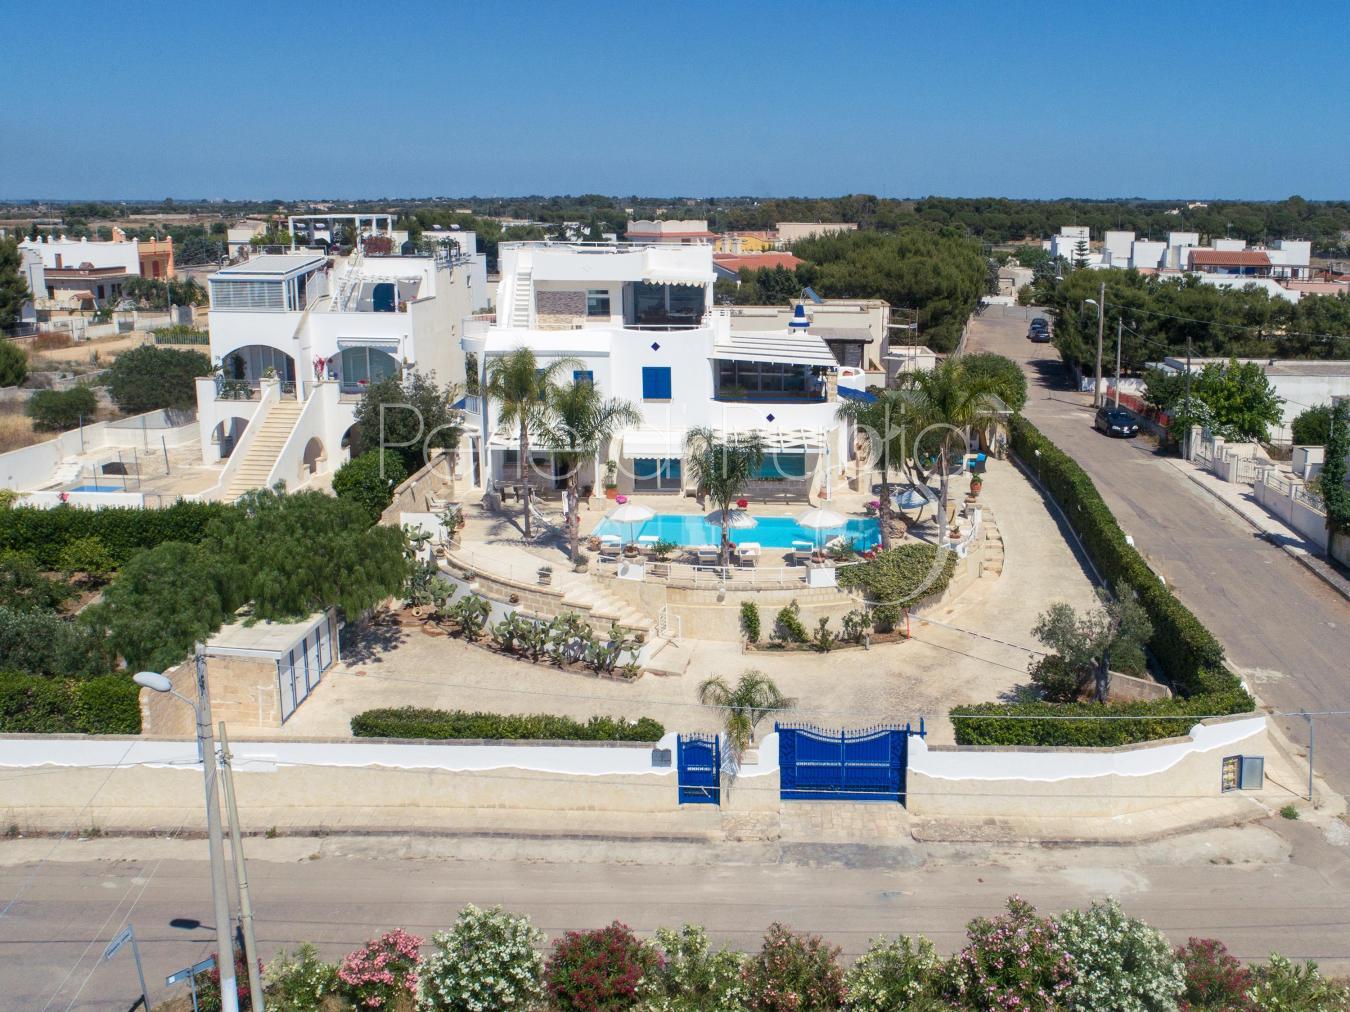 Villa con piscina e jacuzzi vista mare a nard villa soleluna - Pizzeria santa maria al bagno ...